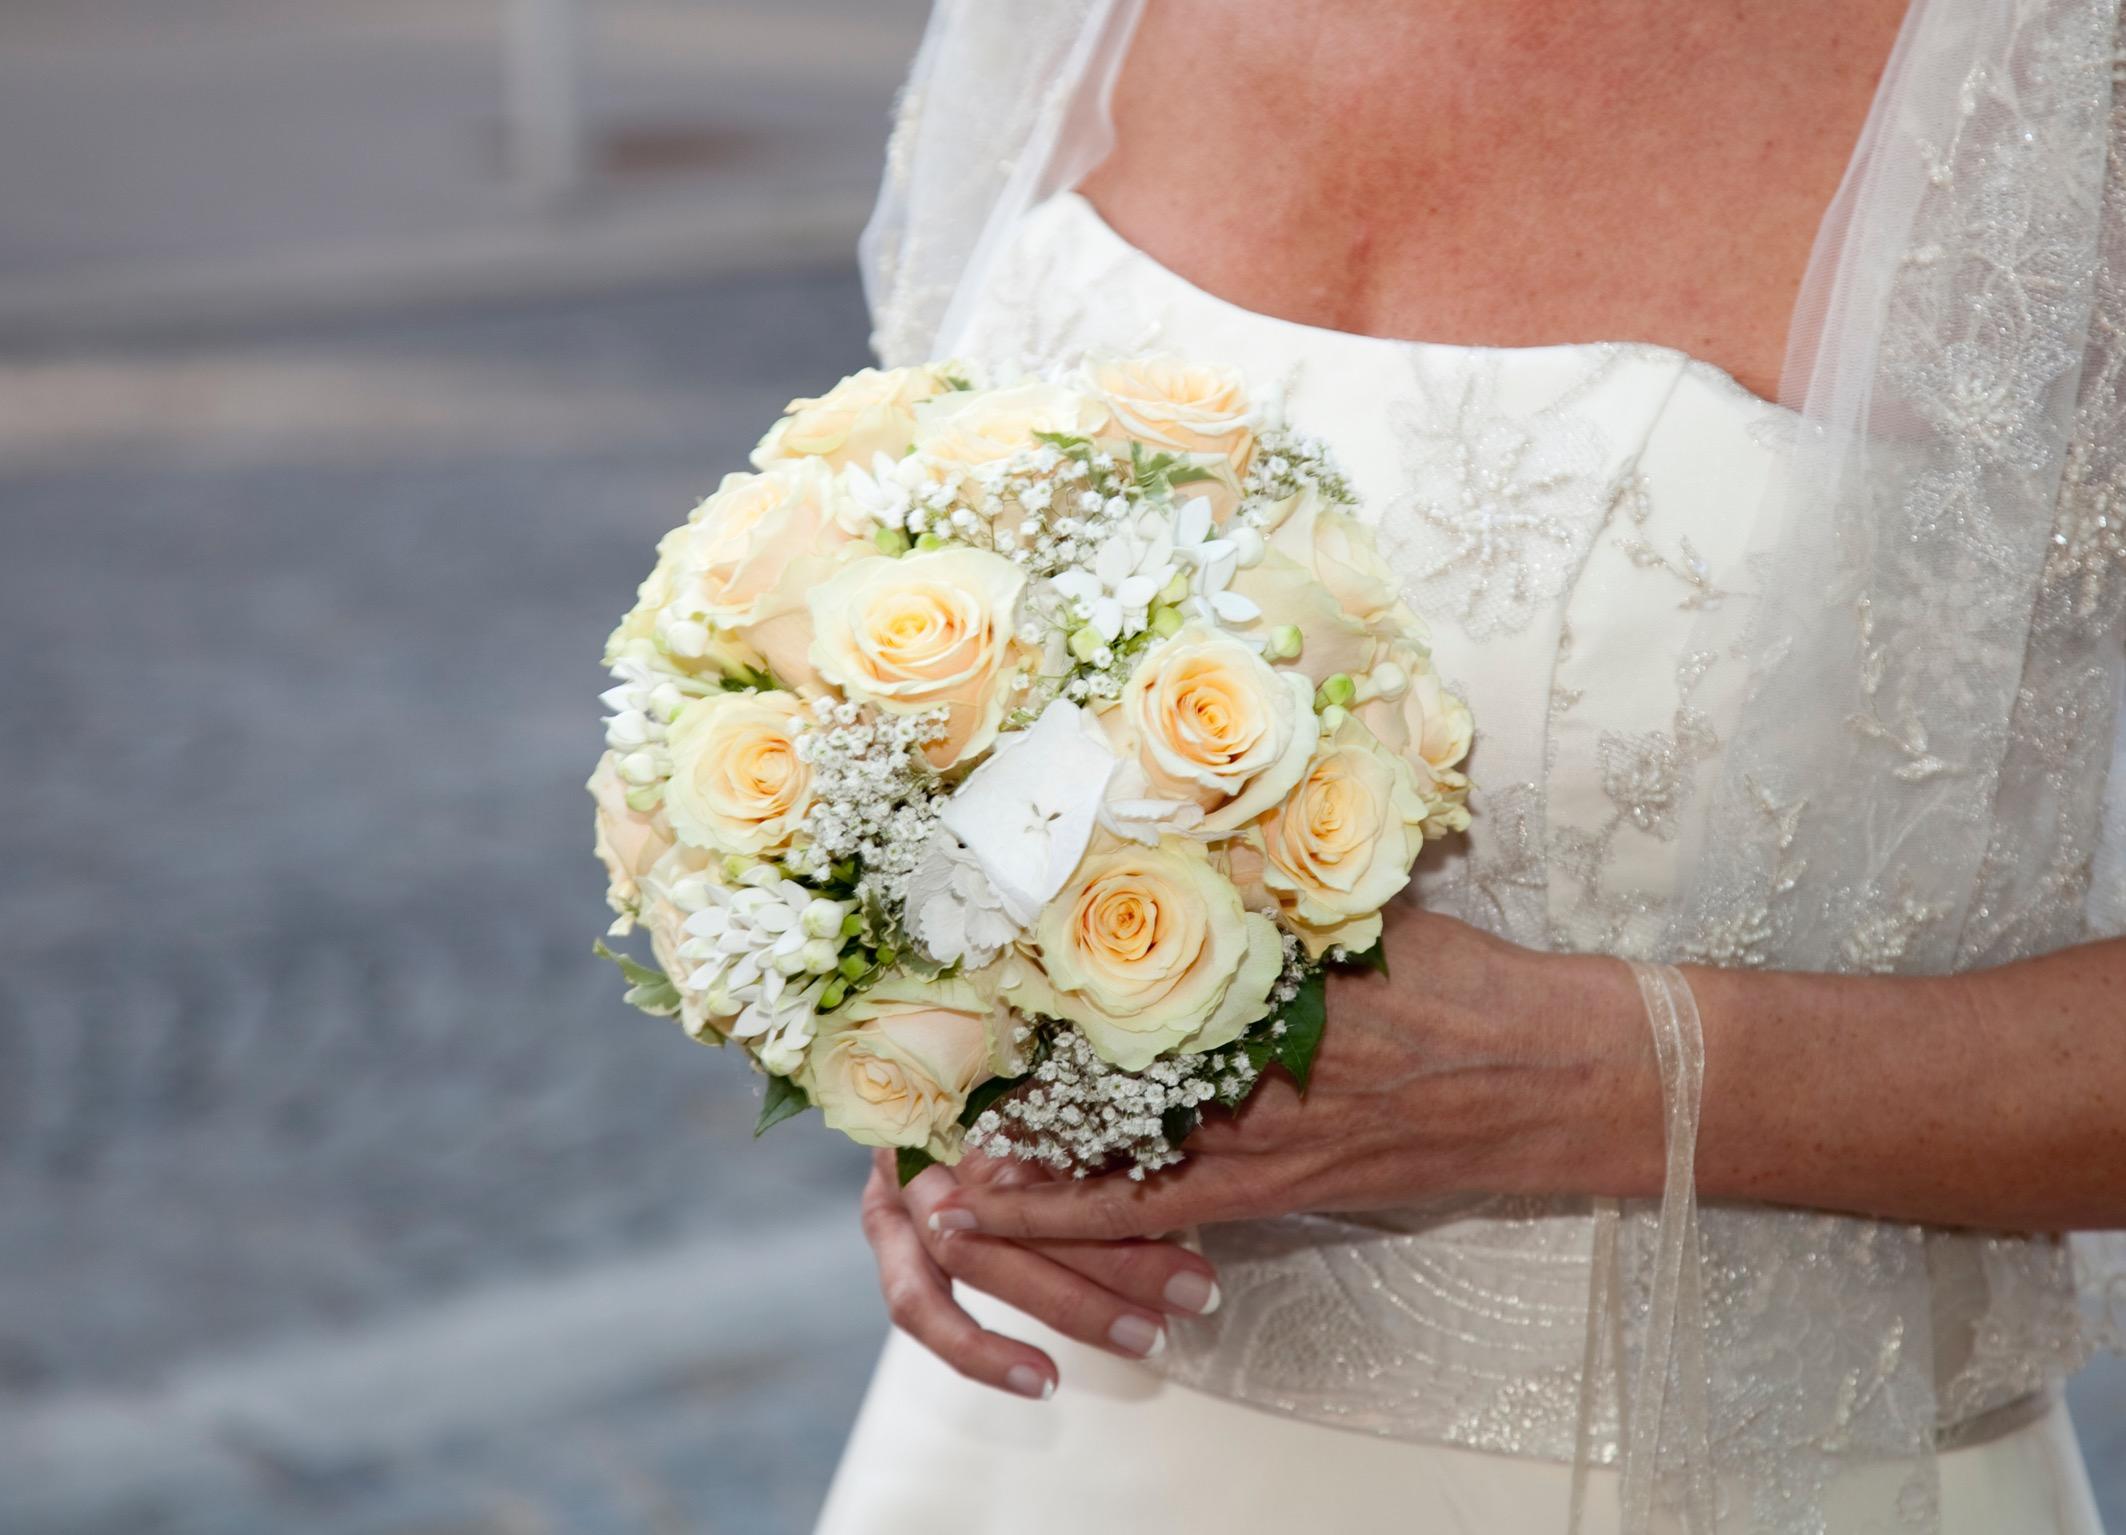 Hochzeitsfloristik Brautstrauss in gelb und weiss Toenen bestehend aus Rosen und kleineren weissen Blumen der von einer Braut im weissen Kleid das oebn bestickt ist gehalten wird